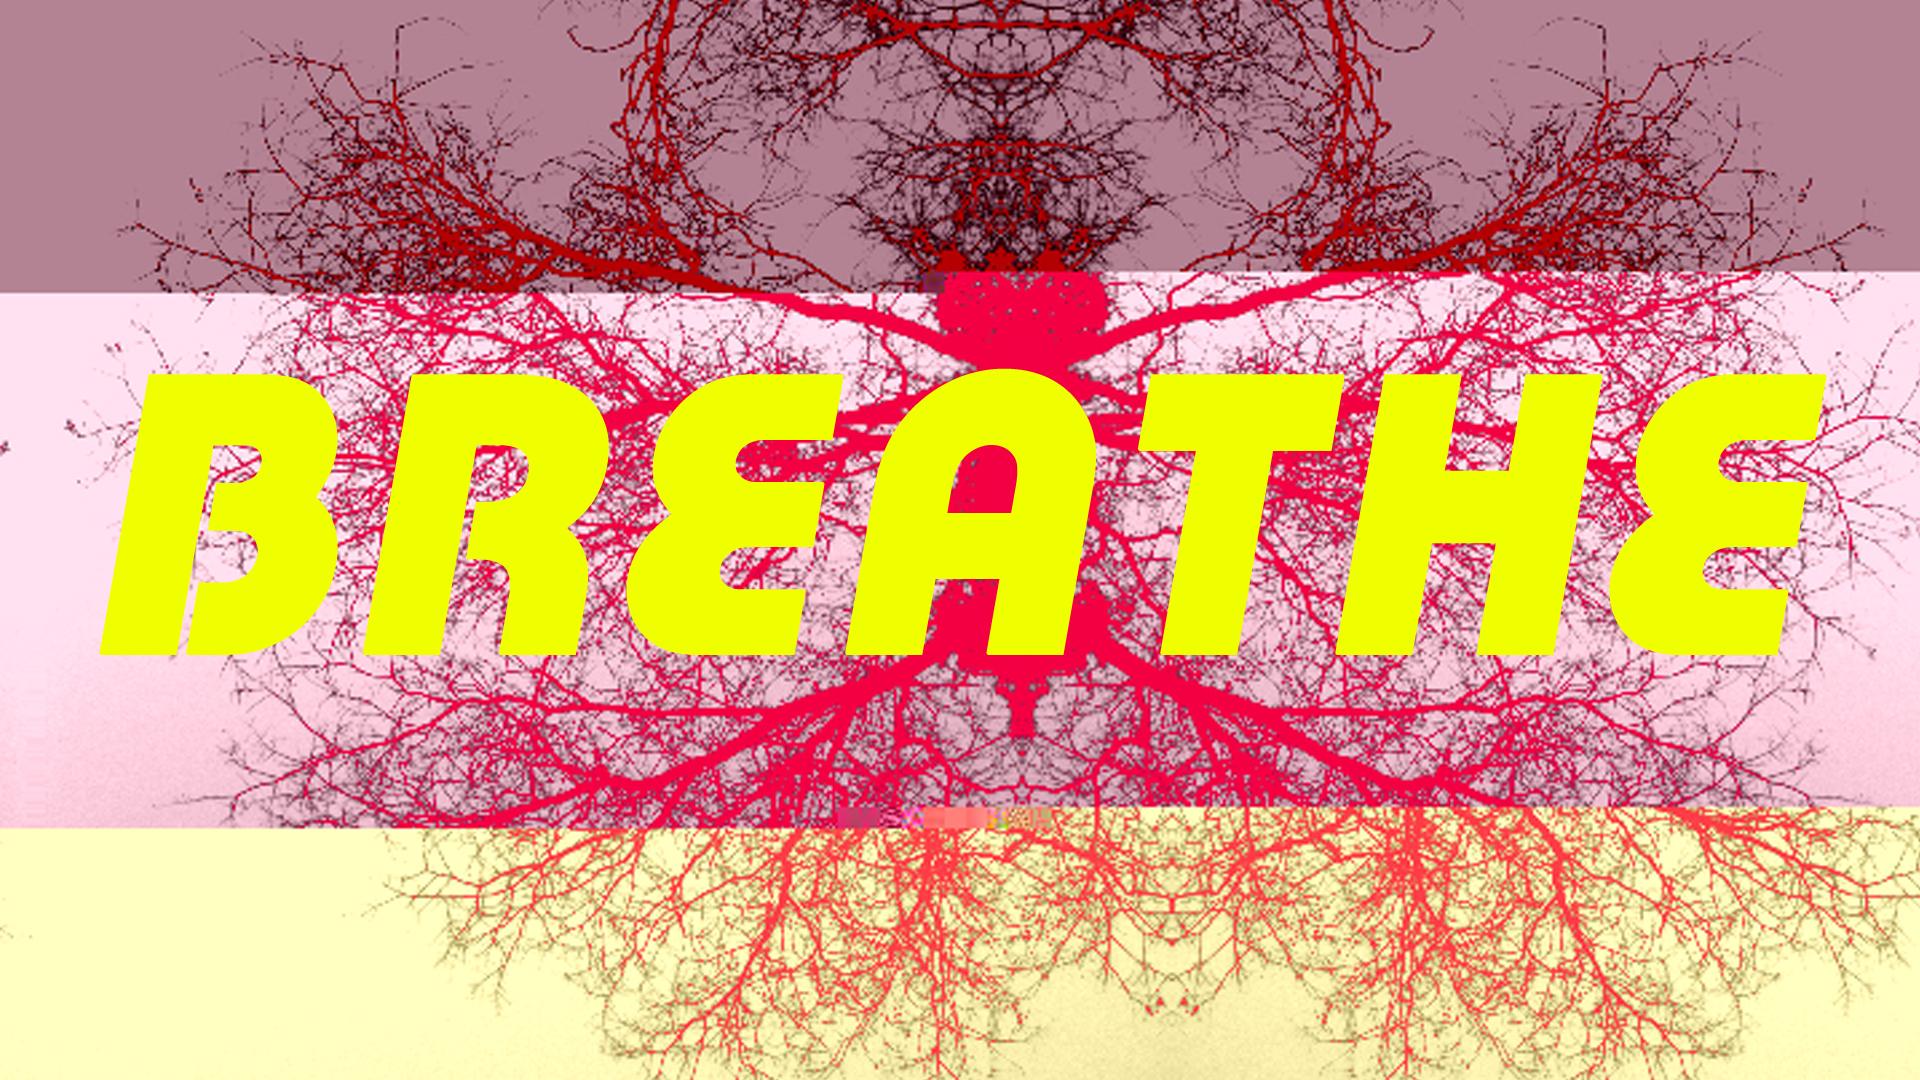 BREATHE_009